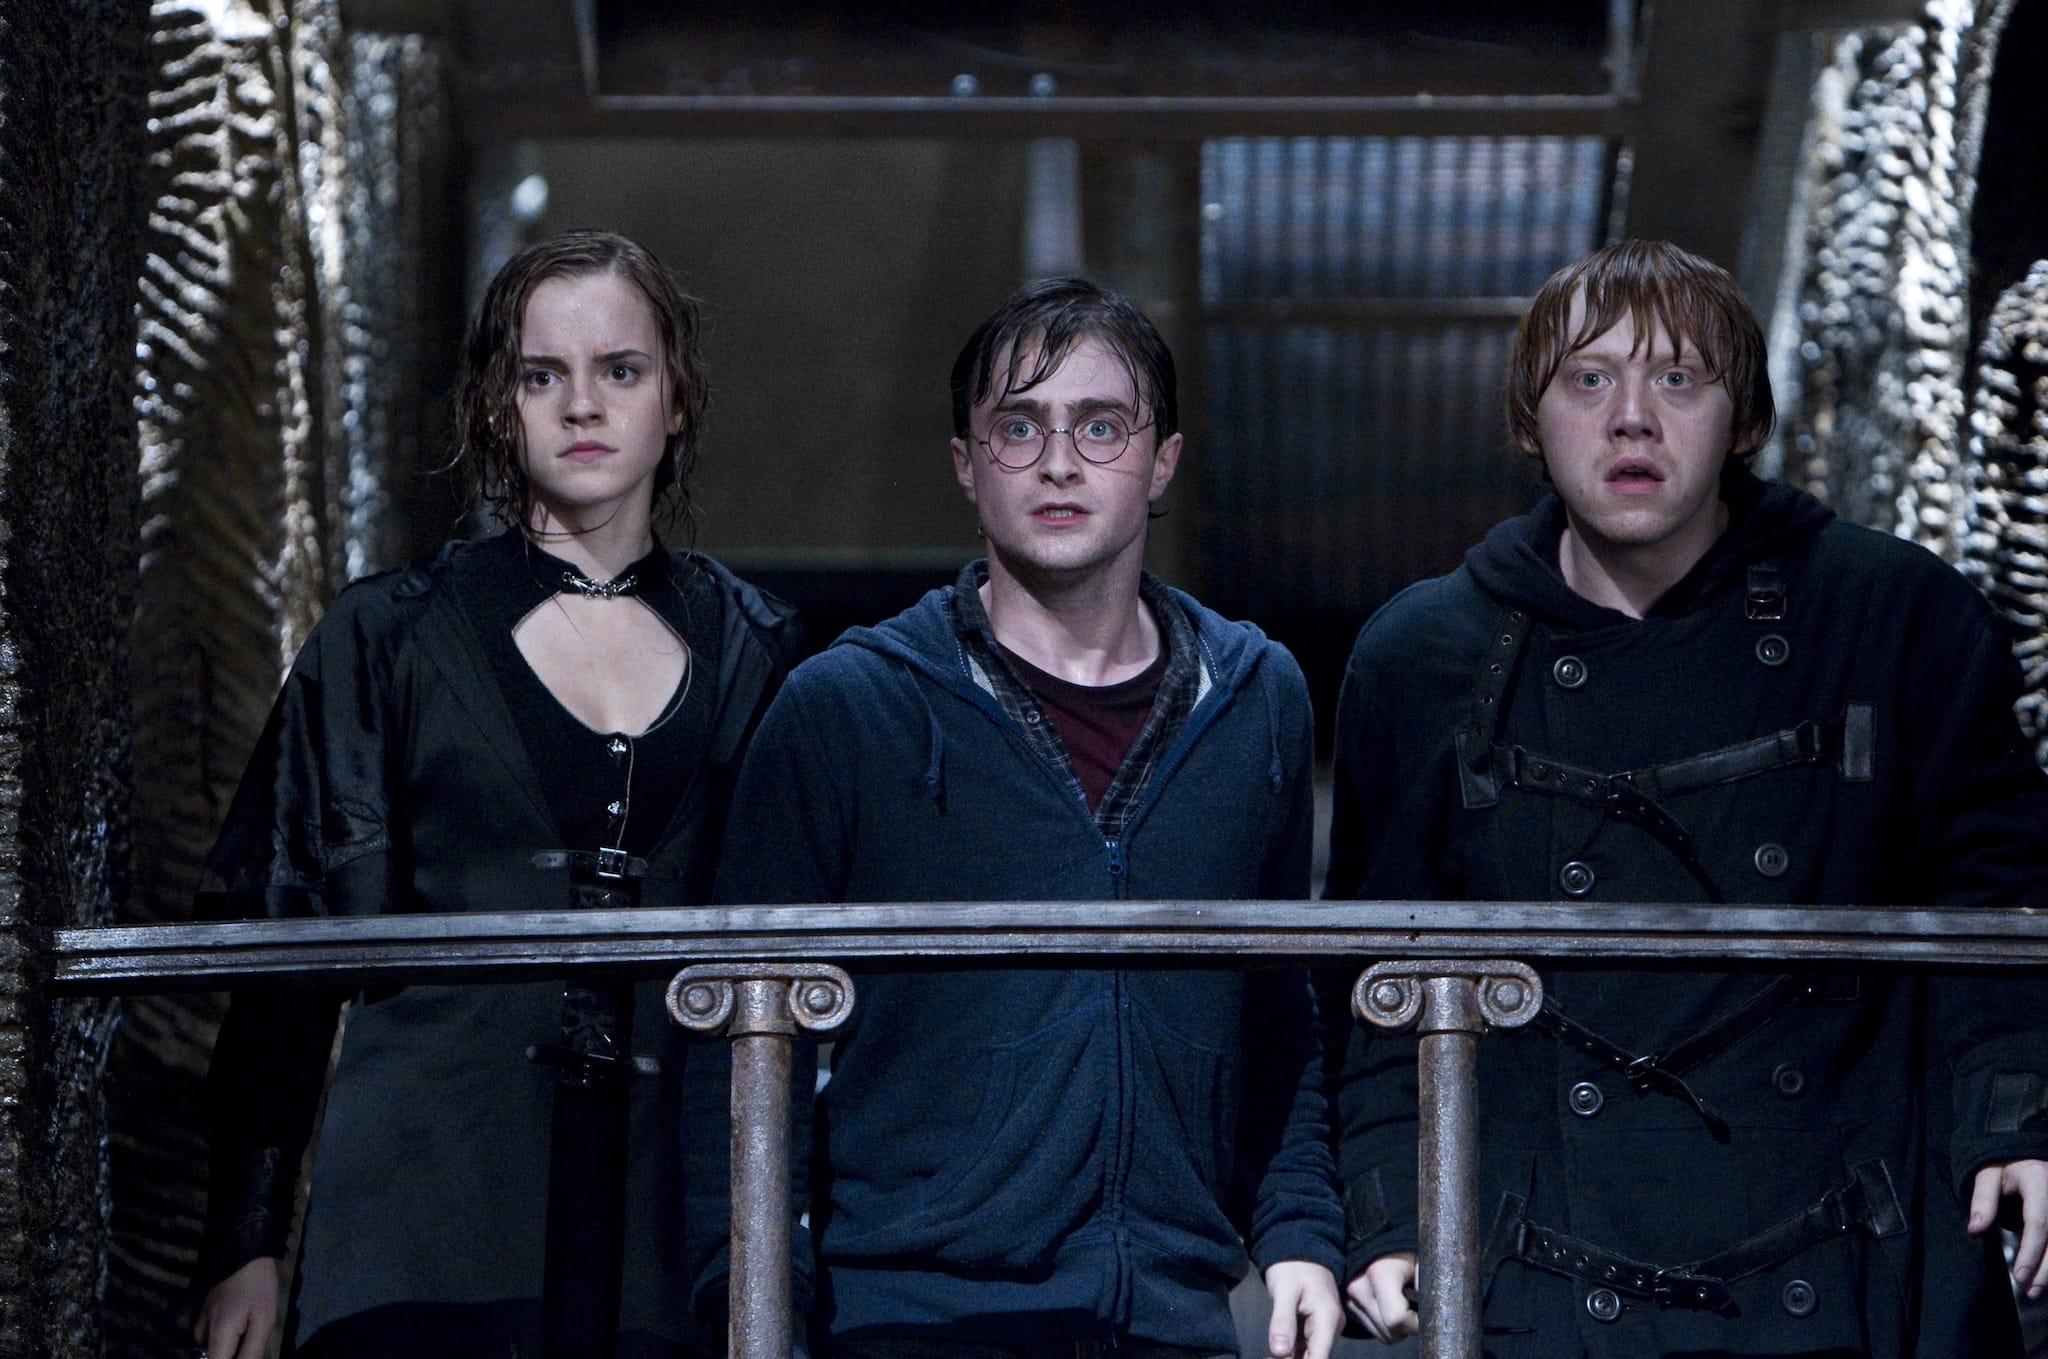 Harry Potter et les Reliques de la Mort - Partie 2 de David Yates image film cinéma